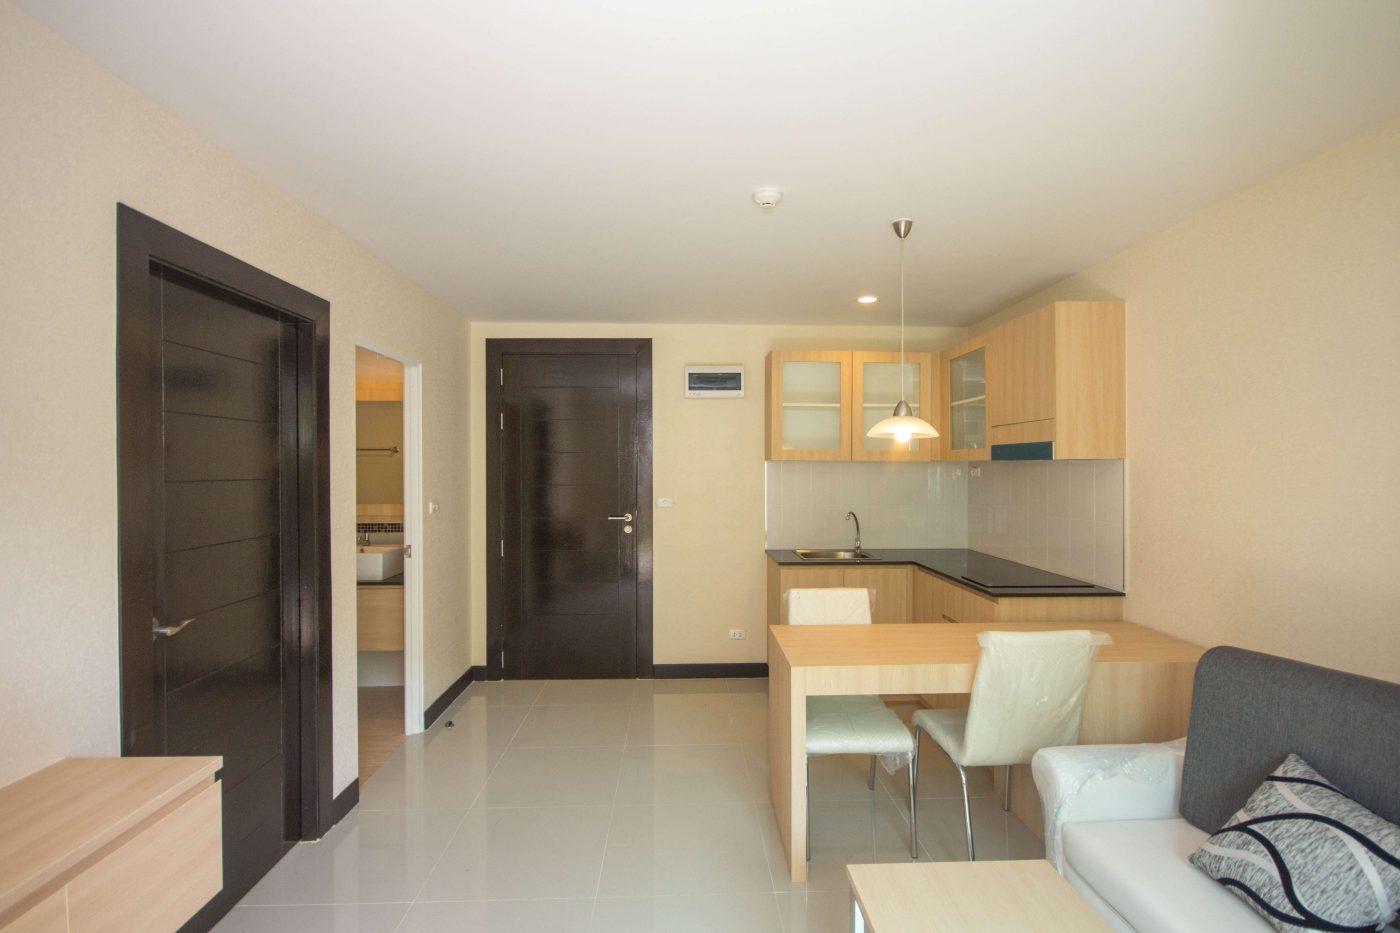 Condominium in Hua Hin for Sale at Hua Hin District, Prachuap Khiri Khan, Thailand